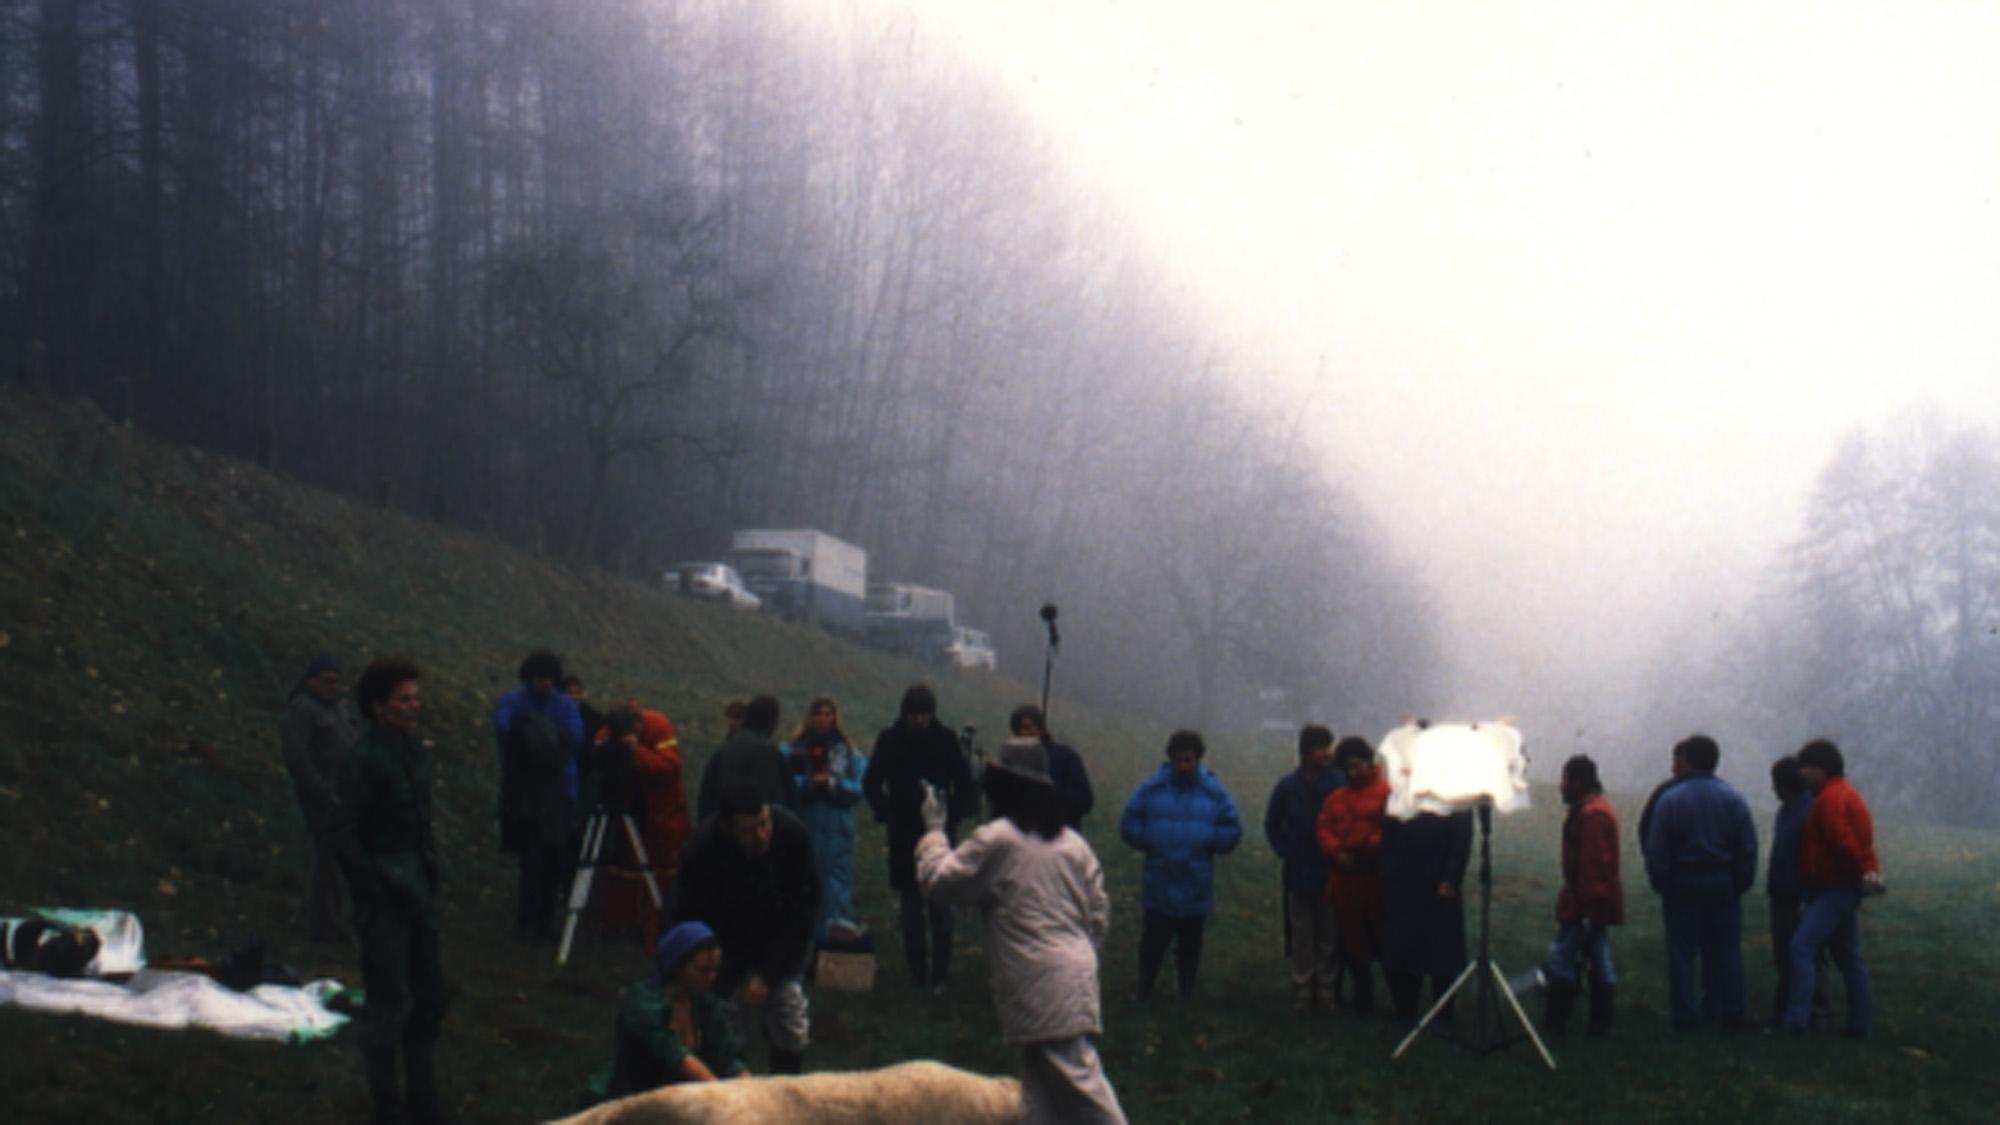 Nebelpulver